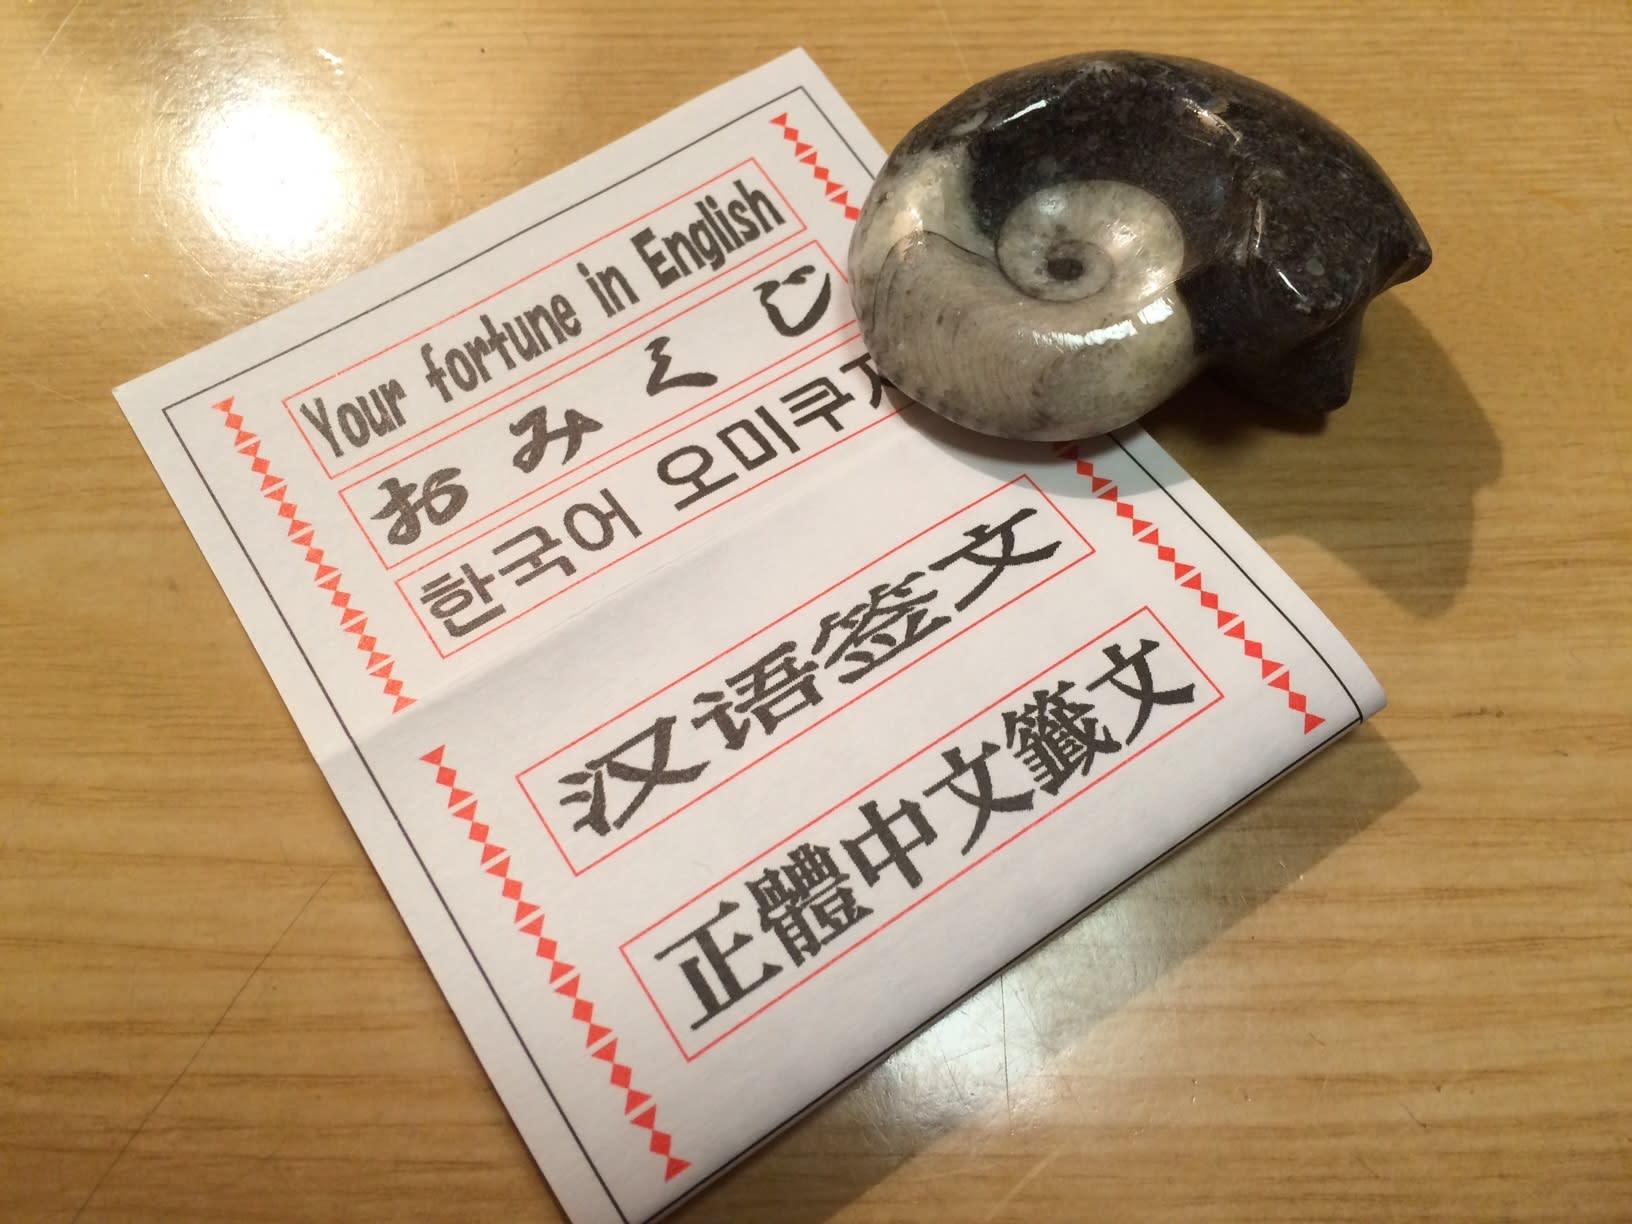 417 多国籍おみくじ Photo Vox